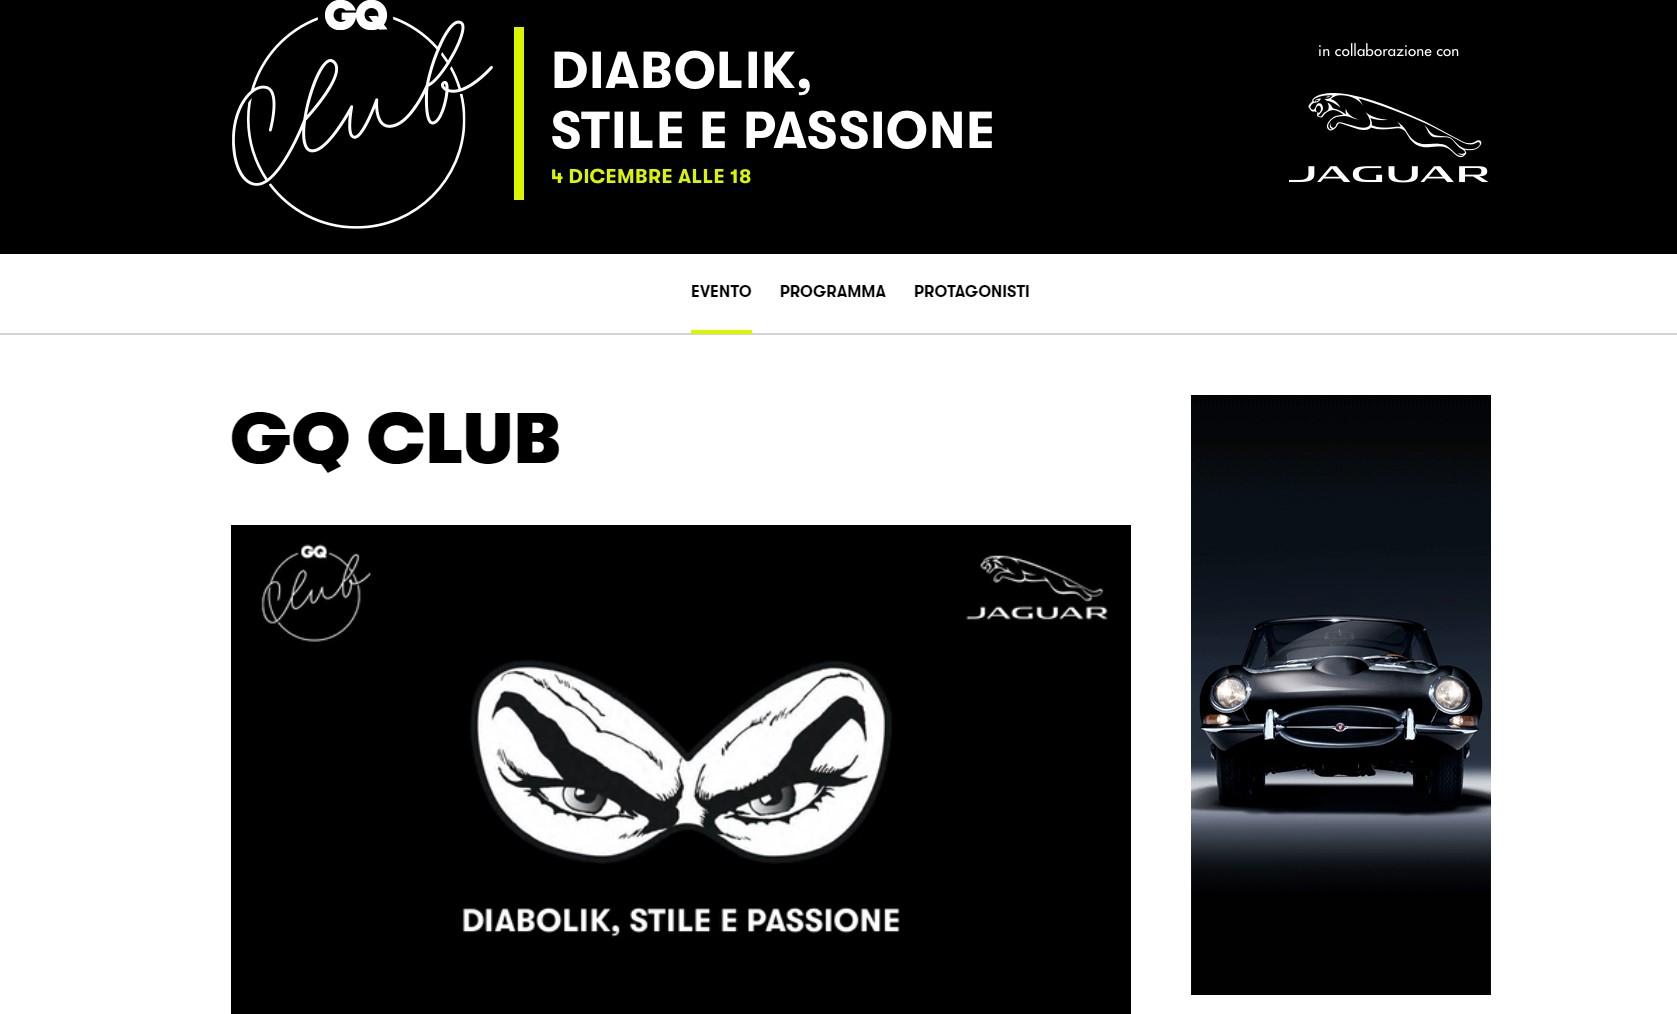 GQ CLUB JAGUAR - Benedetta Malavasi - Italy - GQ Club - Sponsor 1